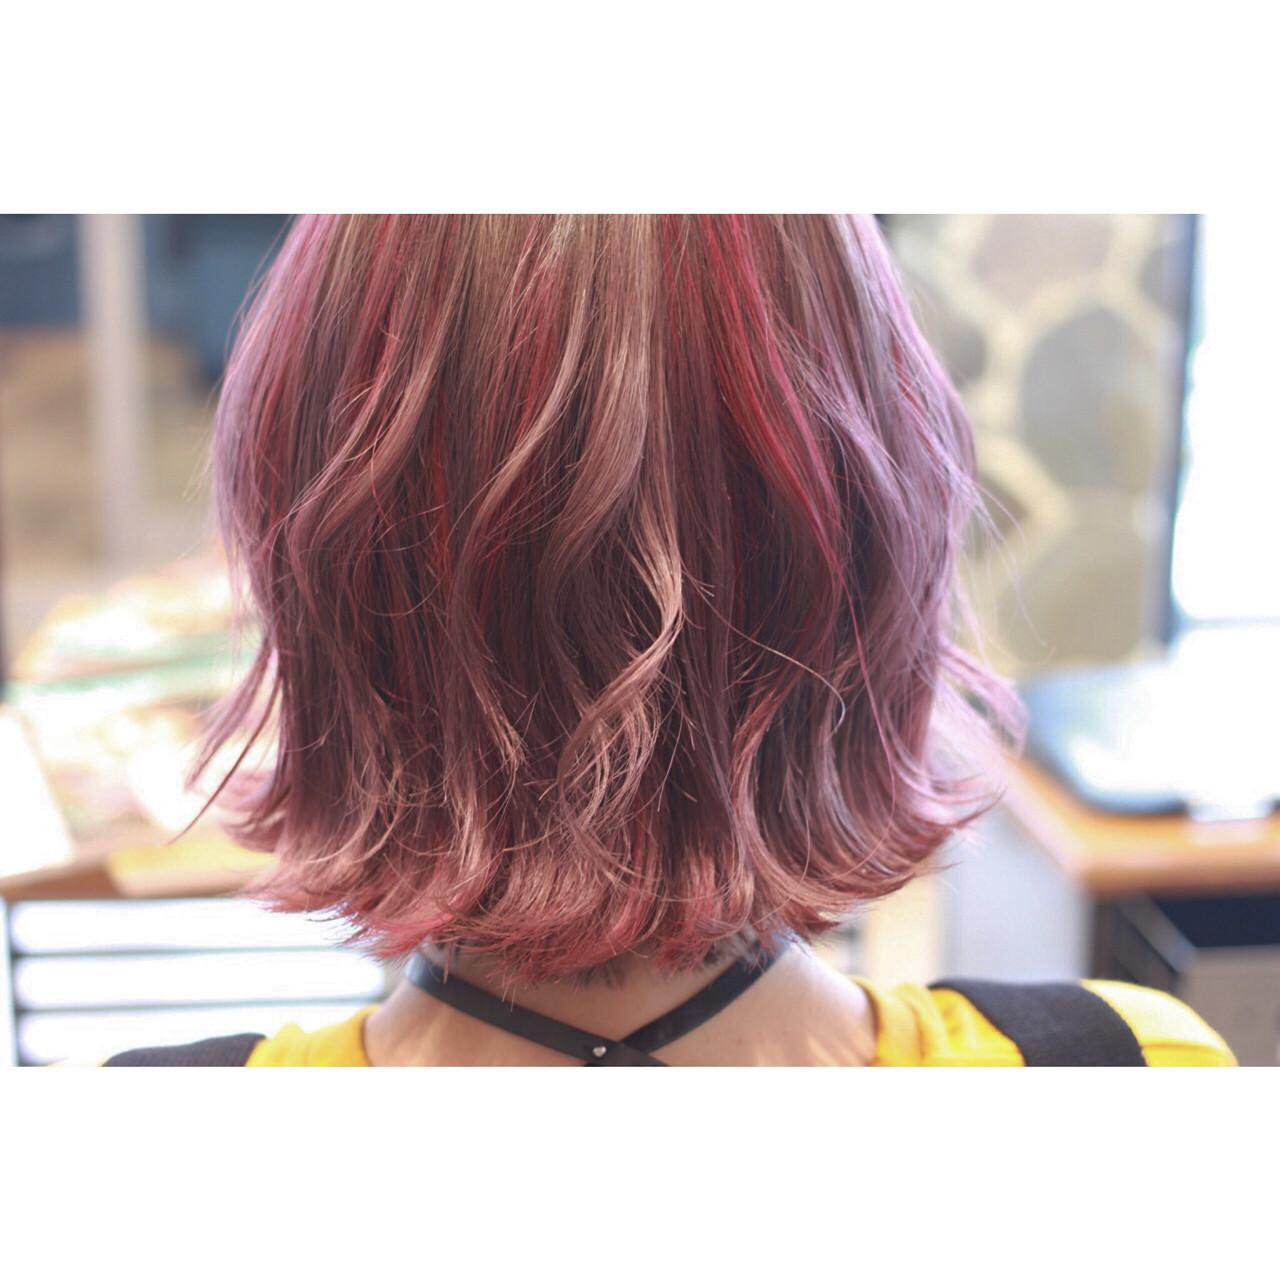 個性的 フェミニン 透明感 パステルカラーヘアスタイルや髪型の写真・画像